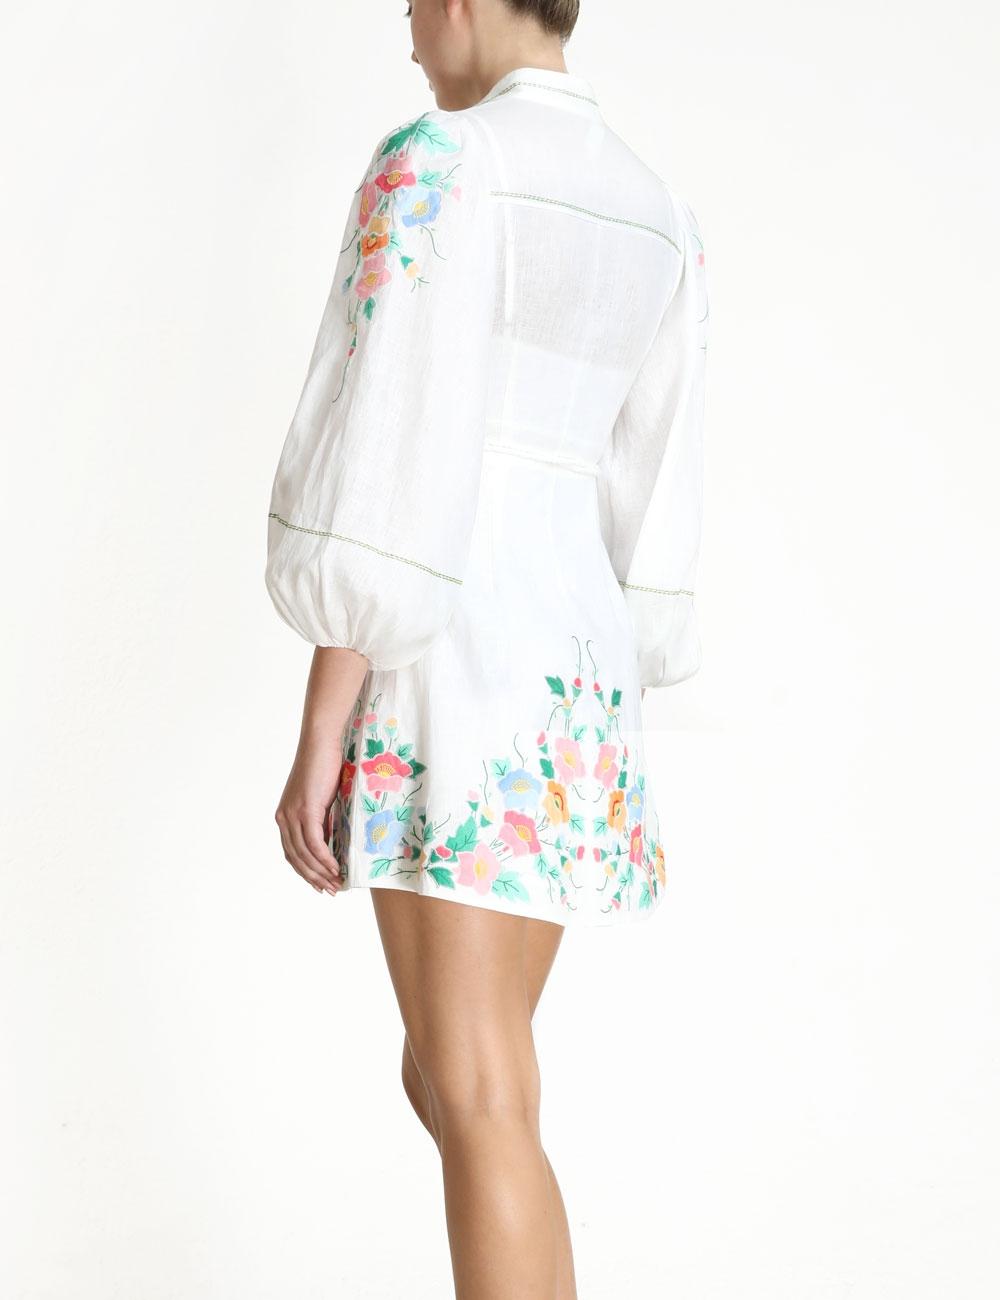 Fiesta Applique Short Dress